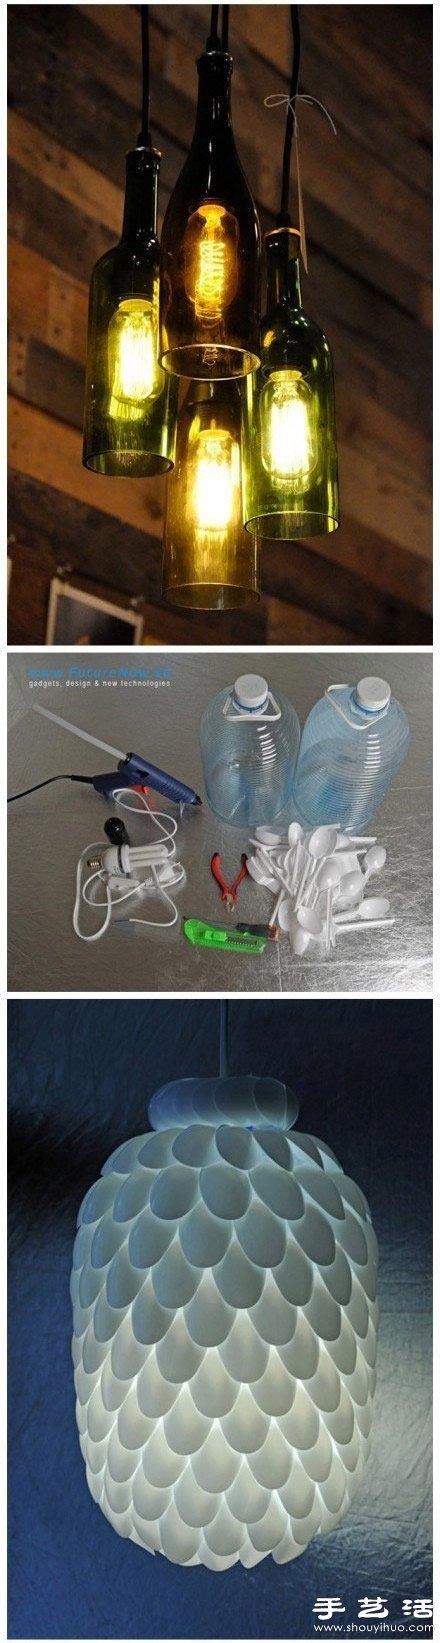 生活小创意废物利用_15款超有创意的废物利用手工DIY作品_手艺活网